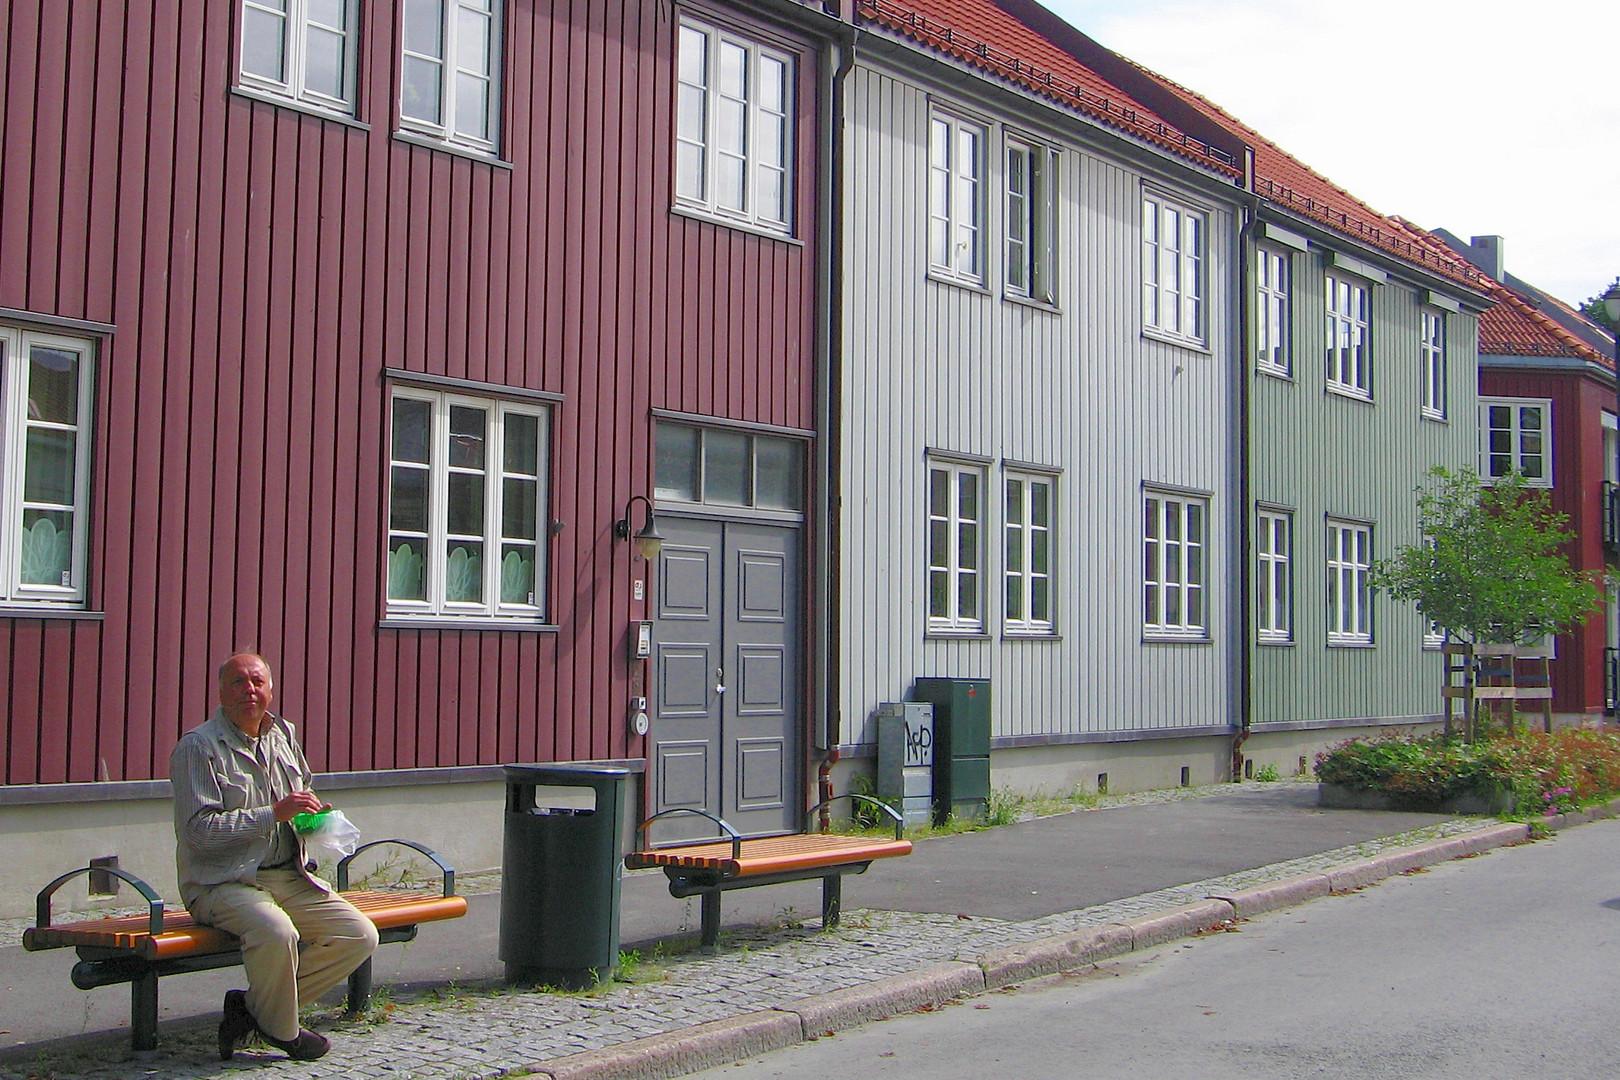 188 Trondheim.jpg